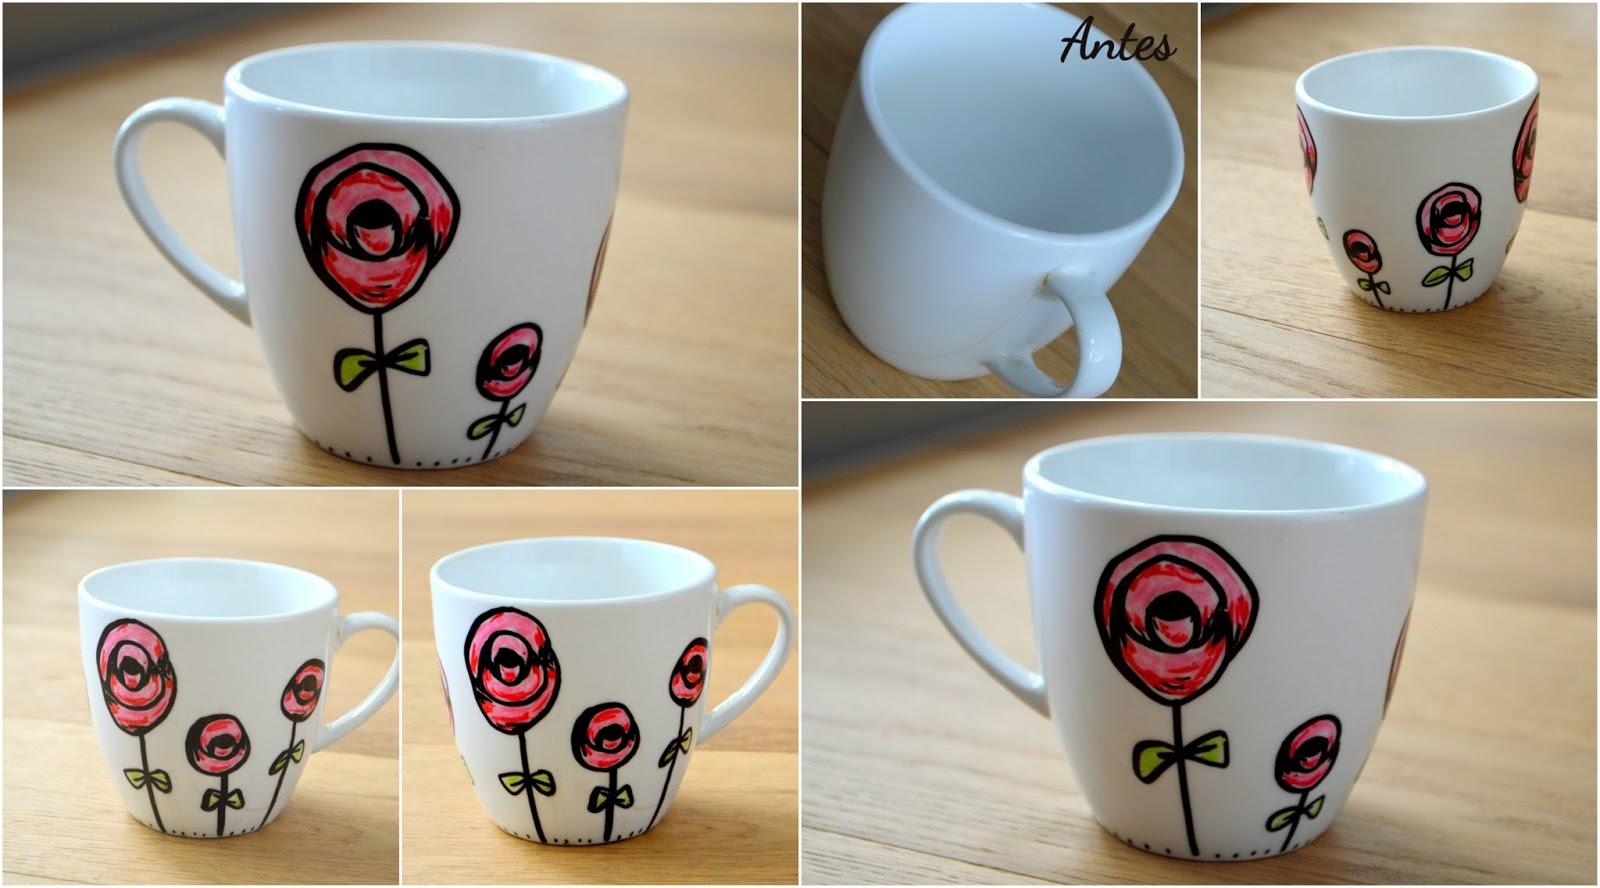 LolaMento, Lola Mento, Ilustraciones Lola Mento, Ilustraciones LolaMento, vajilla ilustrada, vajilla reciclada, vajilla pintada a mano, tazas pintadas